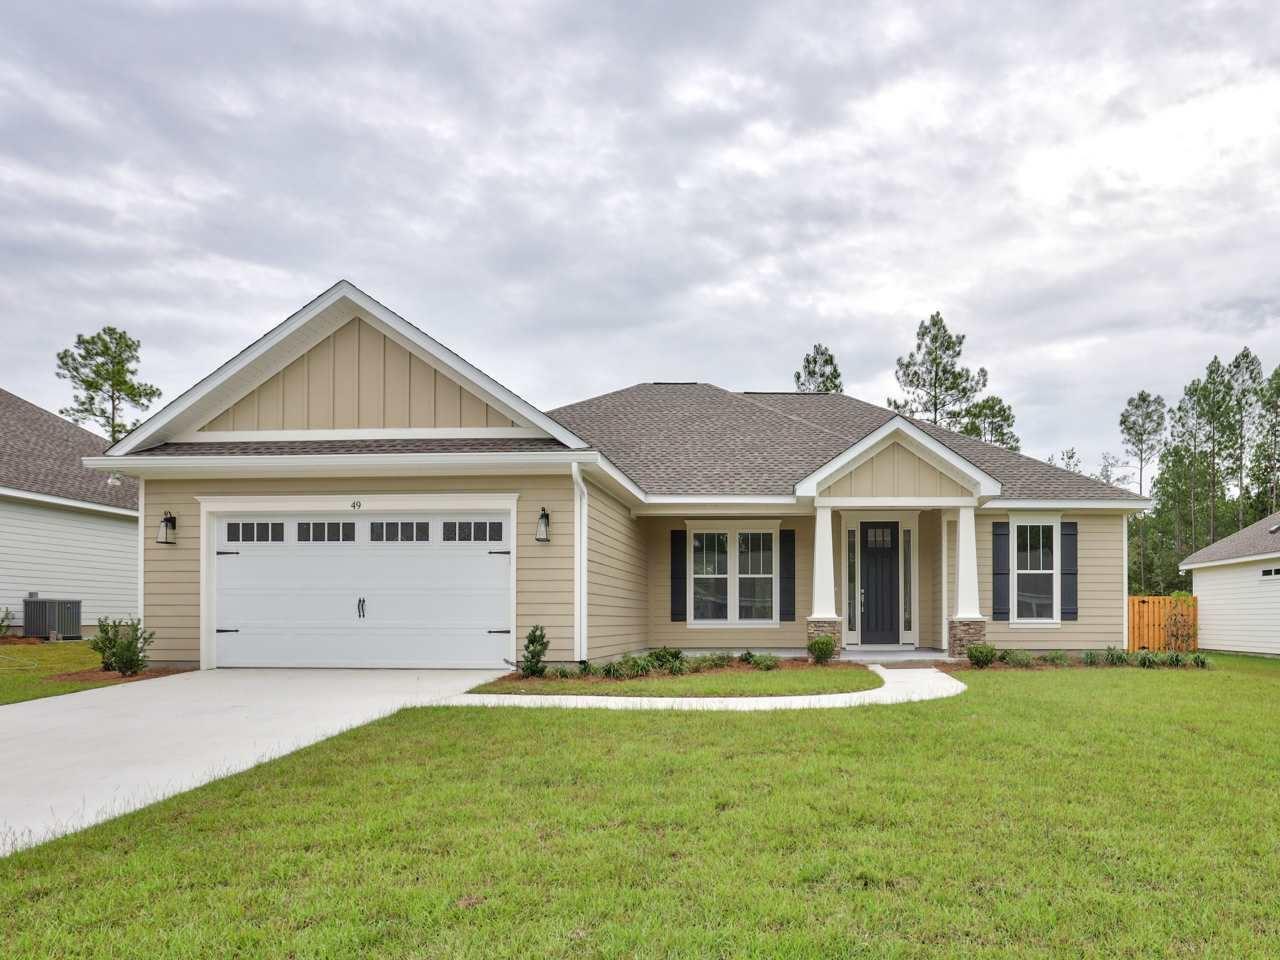 XX Windsor Road, Crawfordville, FL 32327 - MLS#: 334662